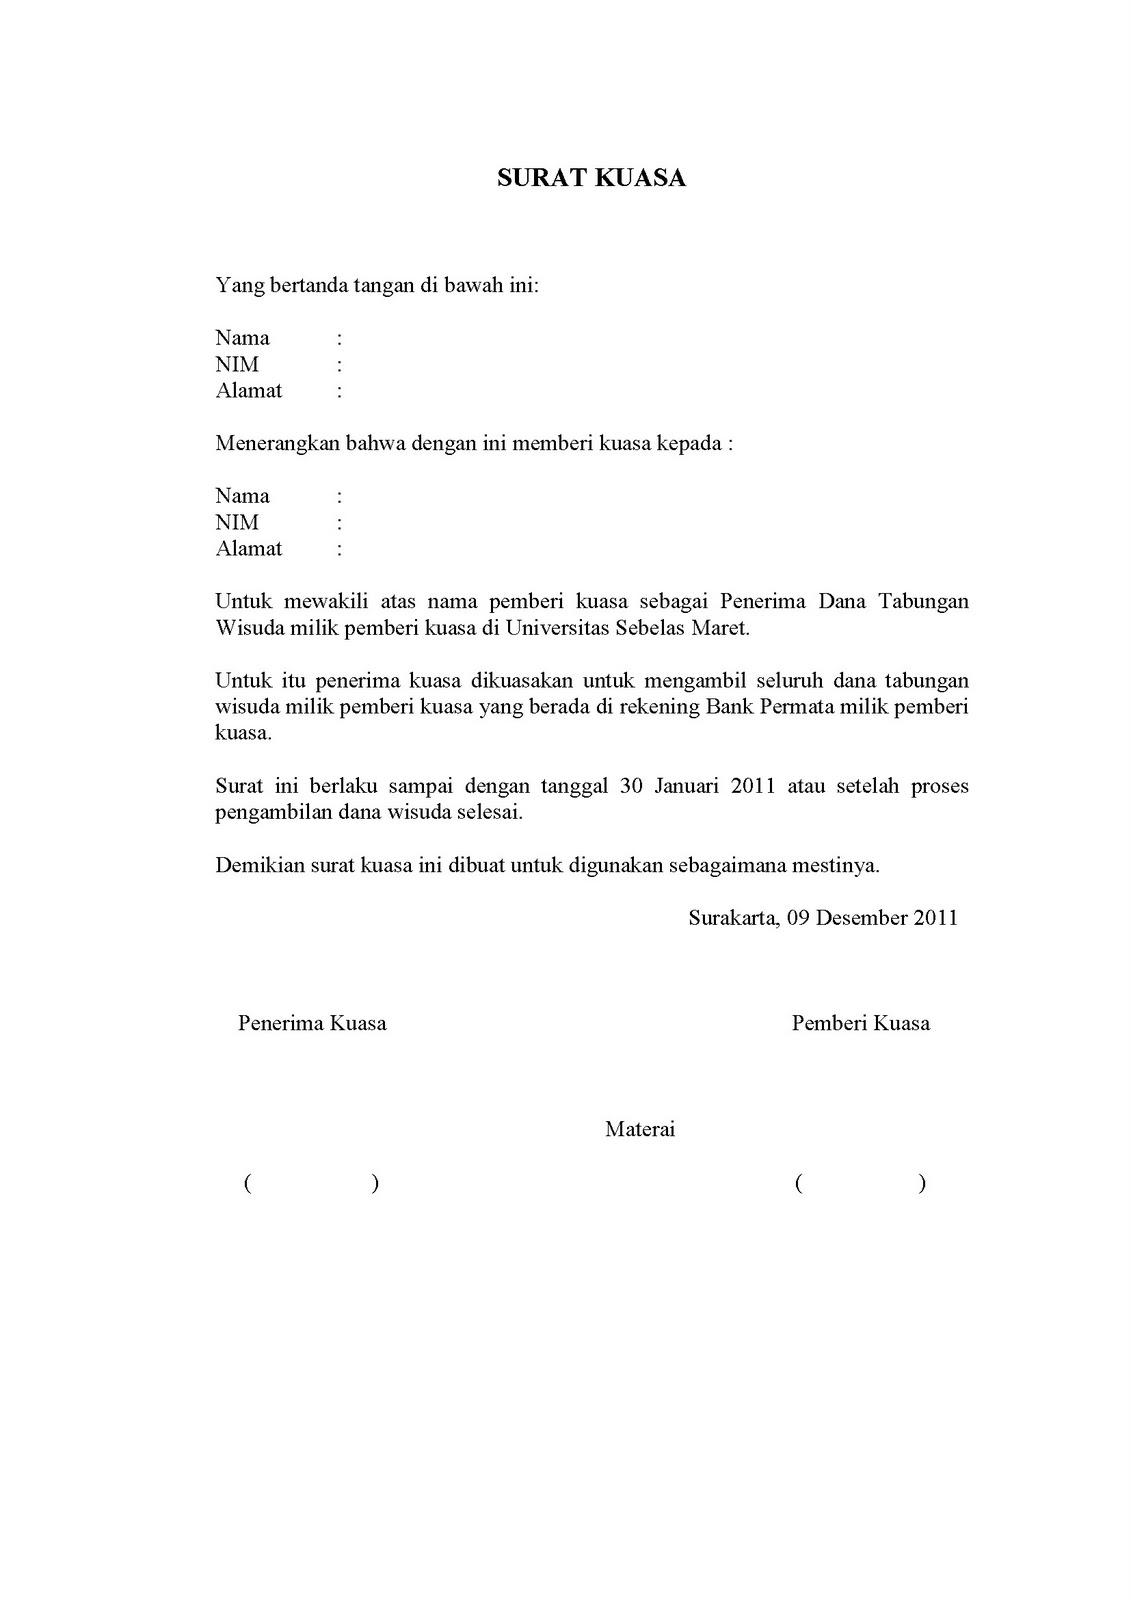 Contoh Surat Memberi Kuasa Kepada Wakil